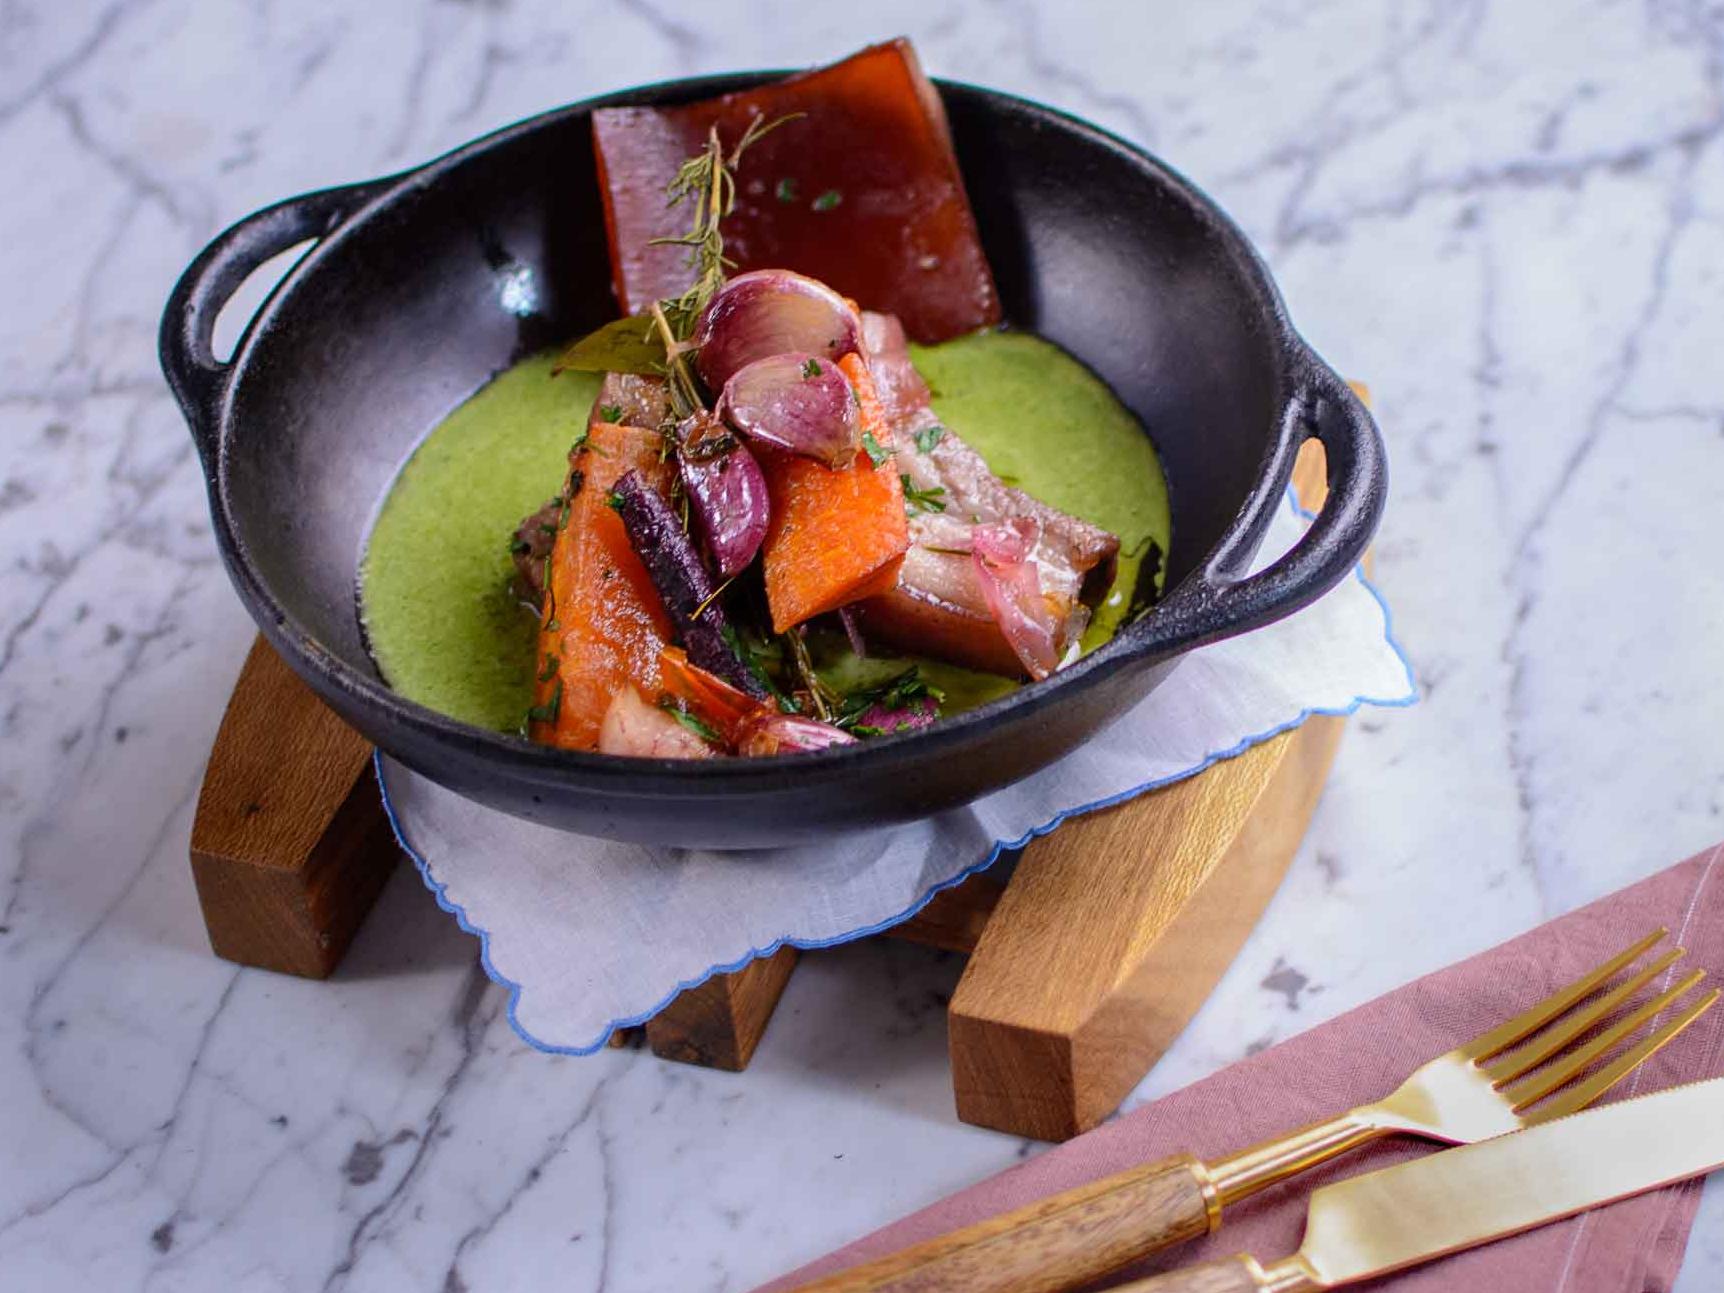 Barriga de porco á provençal com creme de espinafre: aprenda a fazer a receita do Jacquin